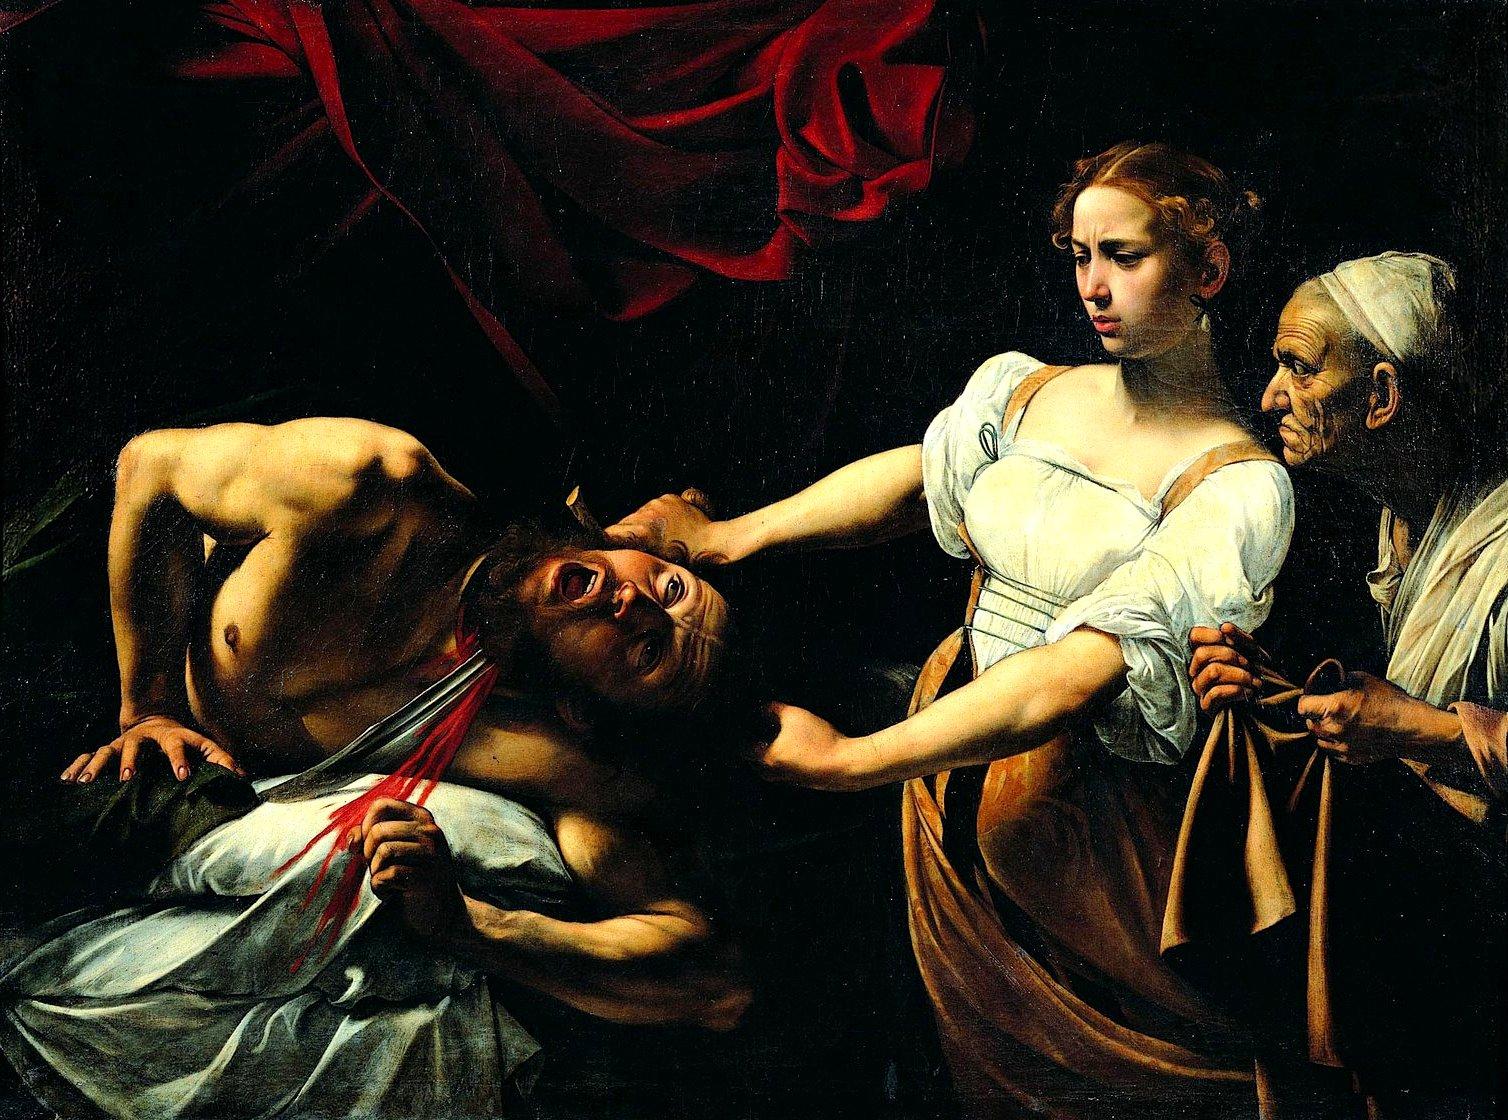 """1598–1599, Öl auf Leinwand,  145 cm × 195 cm, Galleria Nazionale d'Arte Antica, Palazzo Barberini, Rom.<br><strong>Quelle:</strong> <a href=""""https://commons.wikimedia.org/wiki/File:Caravaggio_-_Giuditta_che_taglia_la_testa_a_Oloferne_(1598-1599).jpg"""">User:Latif86 / Wikimedia Commons</a><br><strong>Lizenz:</strong> Public domain<br><strong>Erläuterung:</strong> Caravaggio kontrastiert die feminine, jugendliche und nahezu liebliche Erscheinung Judiths mit dem muskulösen Körper des Holofernes und der greisen  Dienerin. Eine untypische Heldin ist Caravaggios Judith jedoch nicht nur in Hinsicht auf ihren Körper. Überrascht und angeekelt von ihrer eigenen (Helden-)Tat weicht Judith zurück und sucht Distanz zum spritzenden Blut Holofernes'. So erscheint die heroisierende Darstellung Judiths im Gemälde auf mehreren Ebenen gebrochen."""